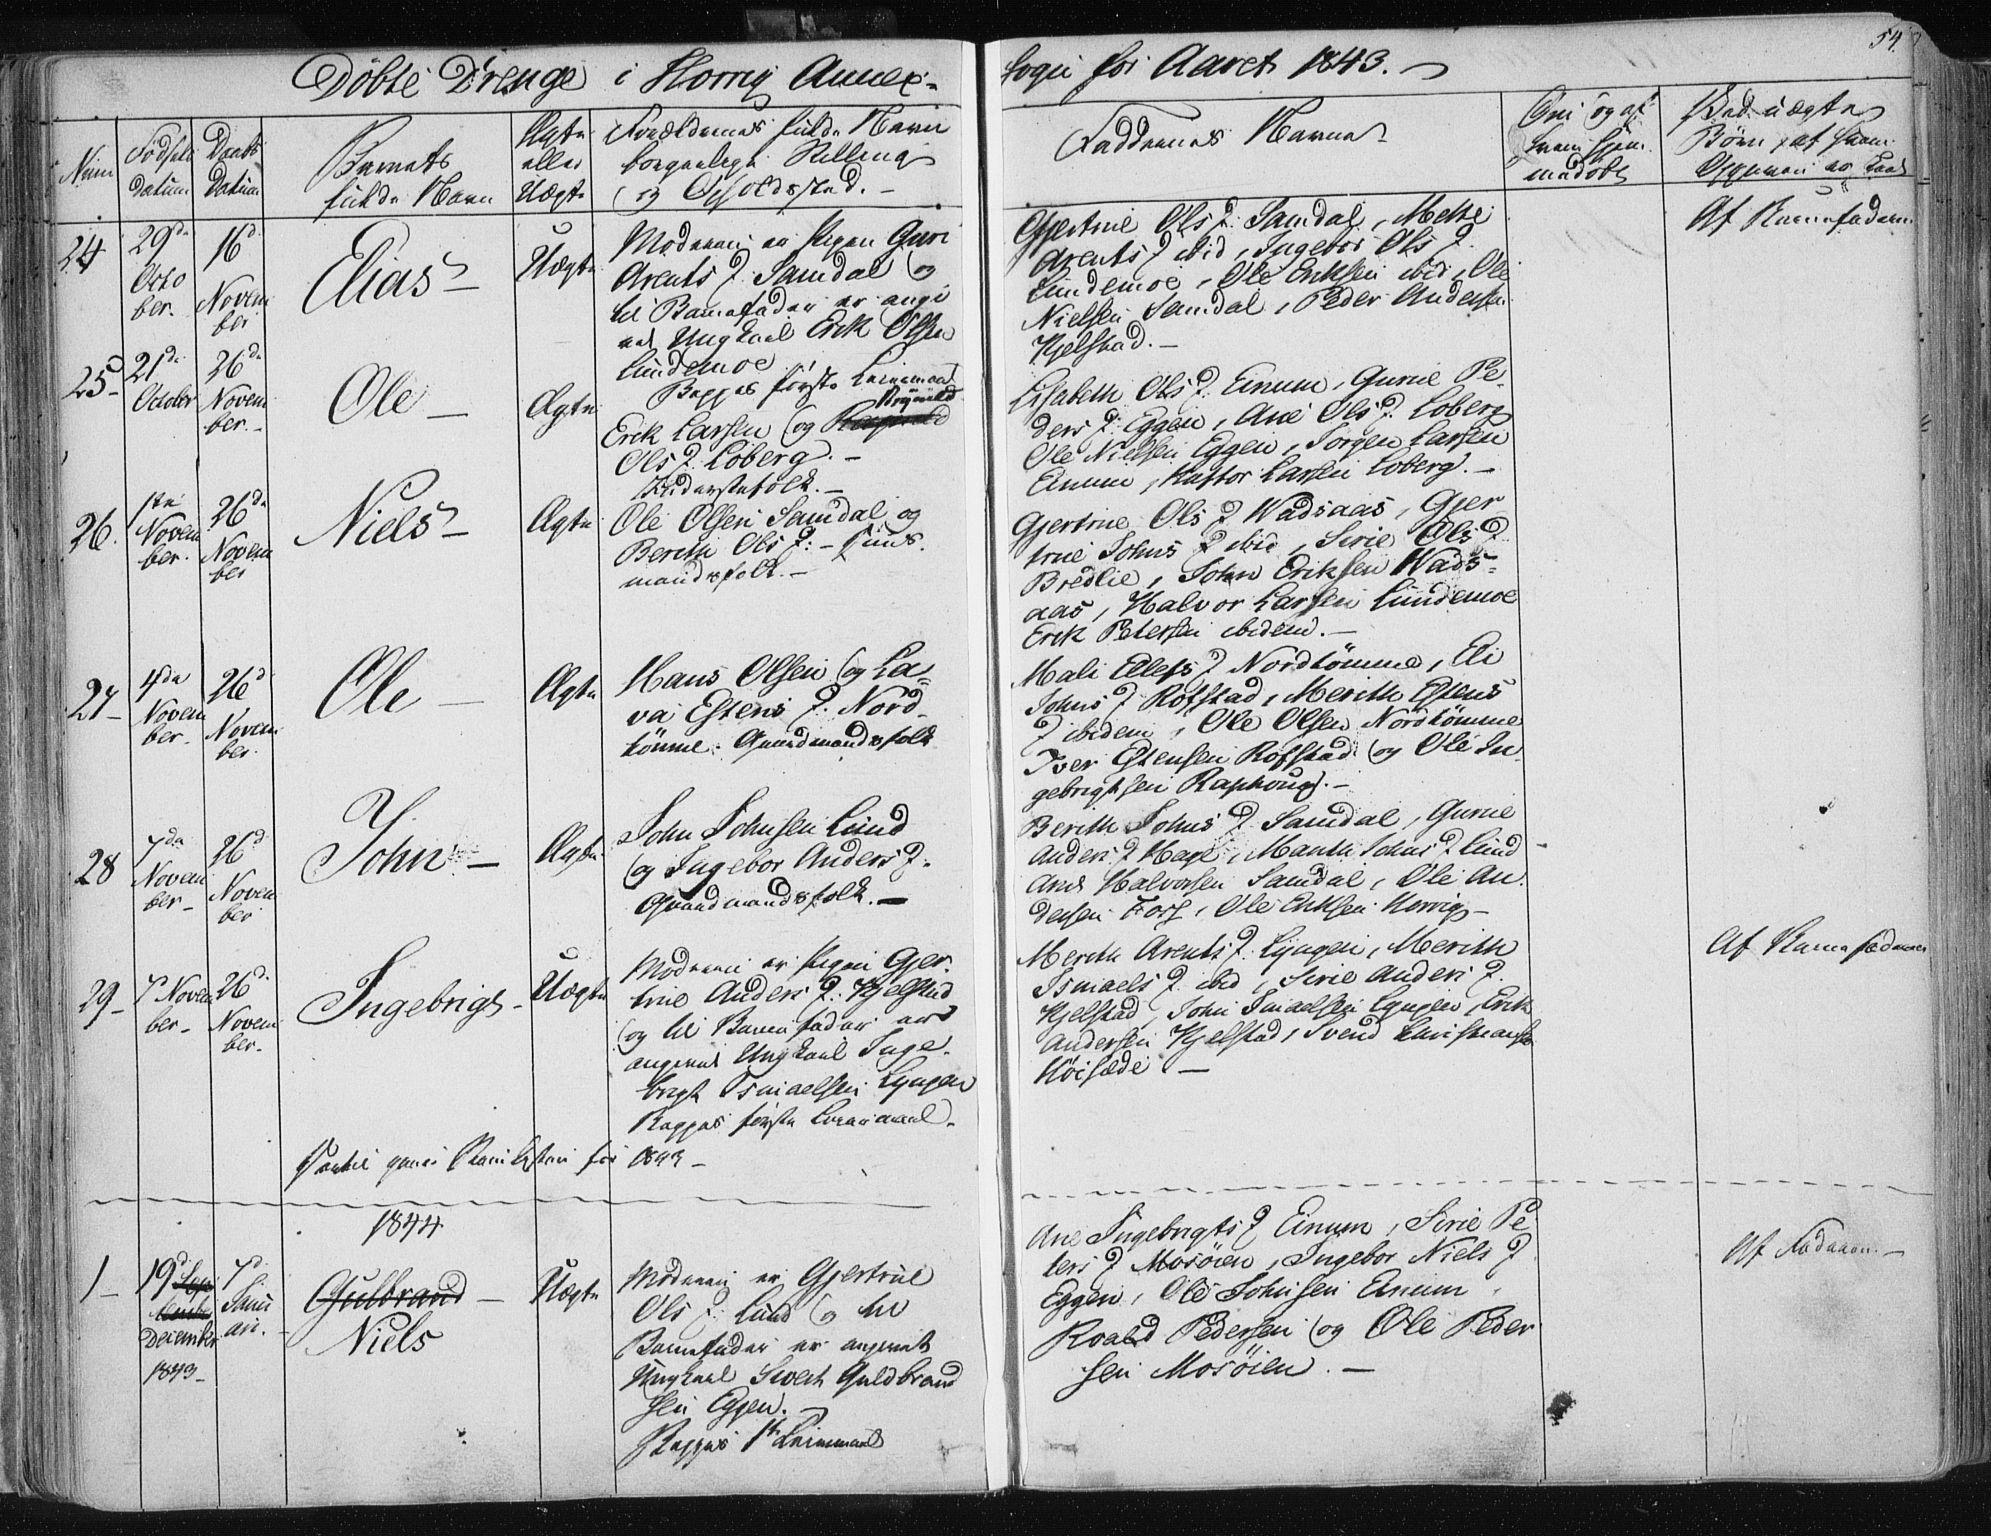 SAT, Ministerialprotokoller, klokkerbøker og fødselsregistre - Sør-Trøndelag, 687/L0998: Ministerialbok nr. 687A05 /2, 1843-1849, s. 54